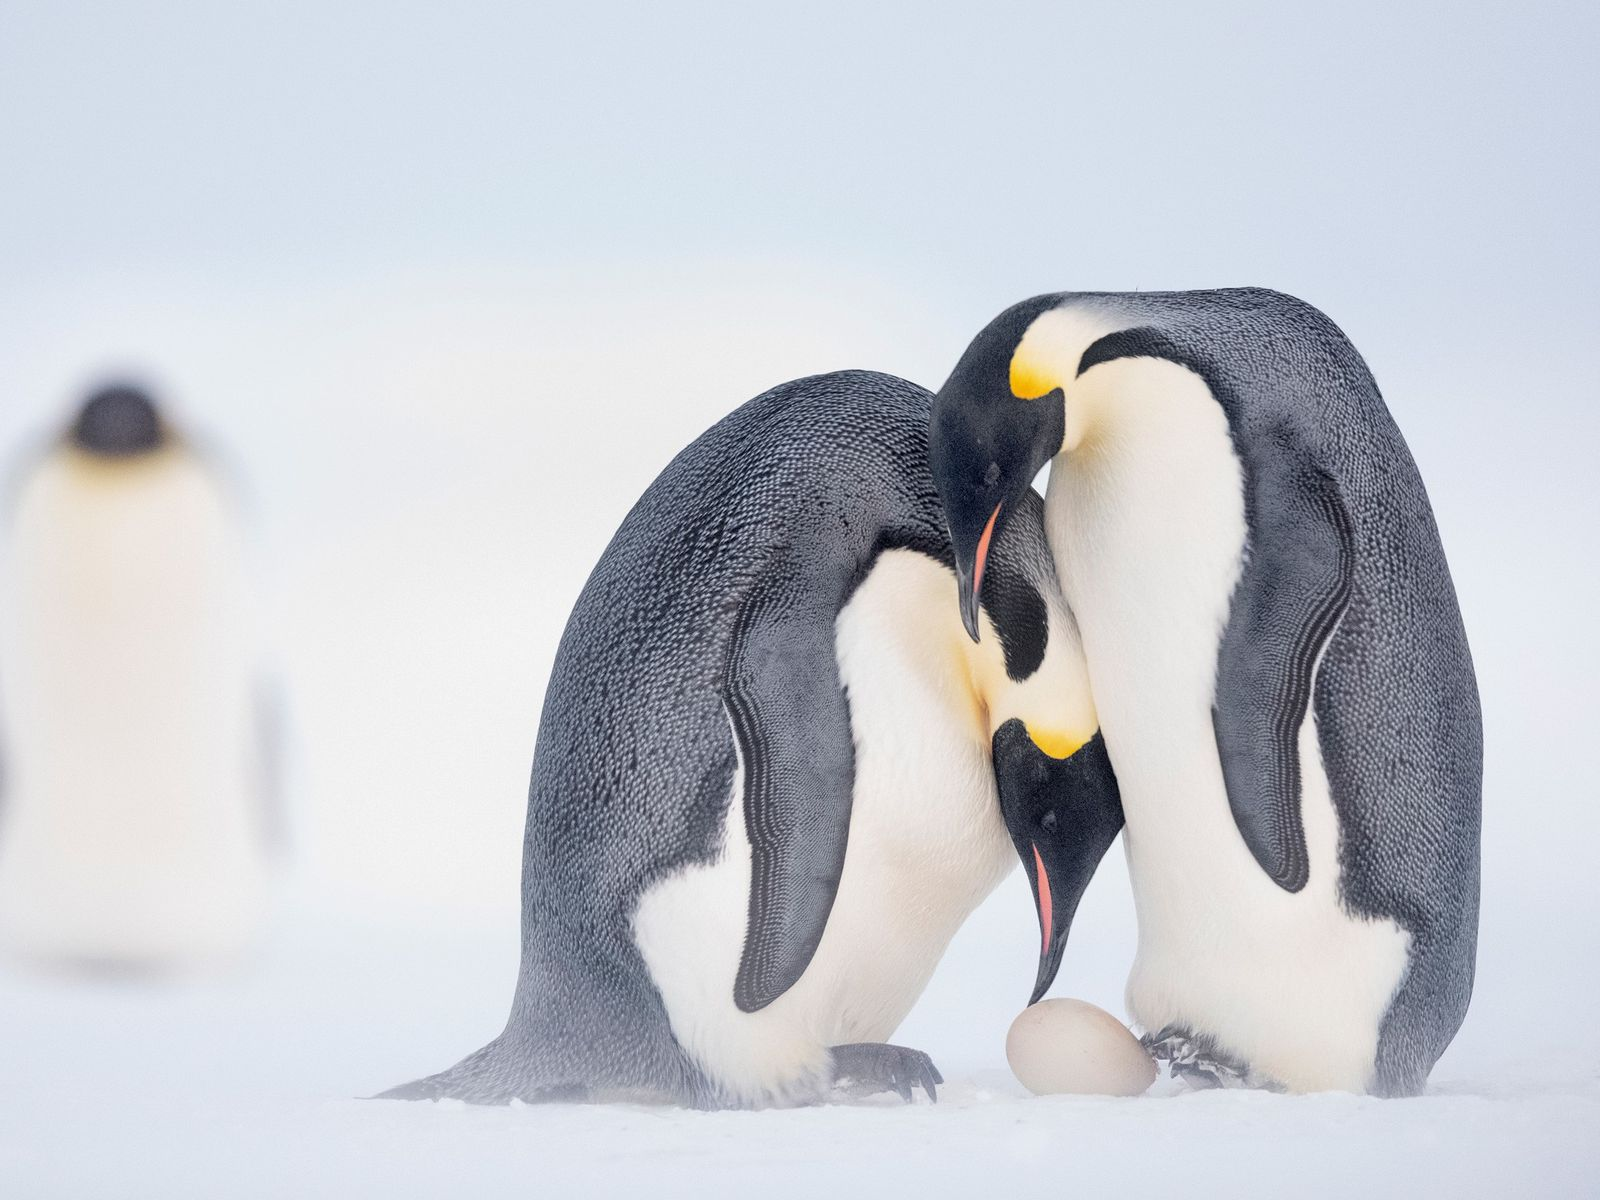 Pinguins-imperadores  Os pinguins-imperadores vivem na Antártica, um dos ambientes mais inóspitos da Terra, onde as temperaturas podem ...